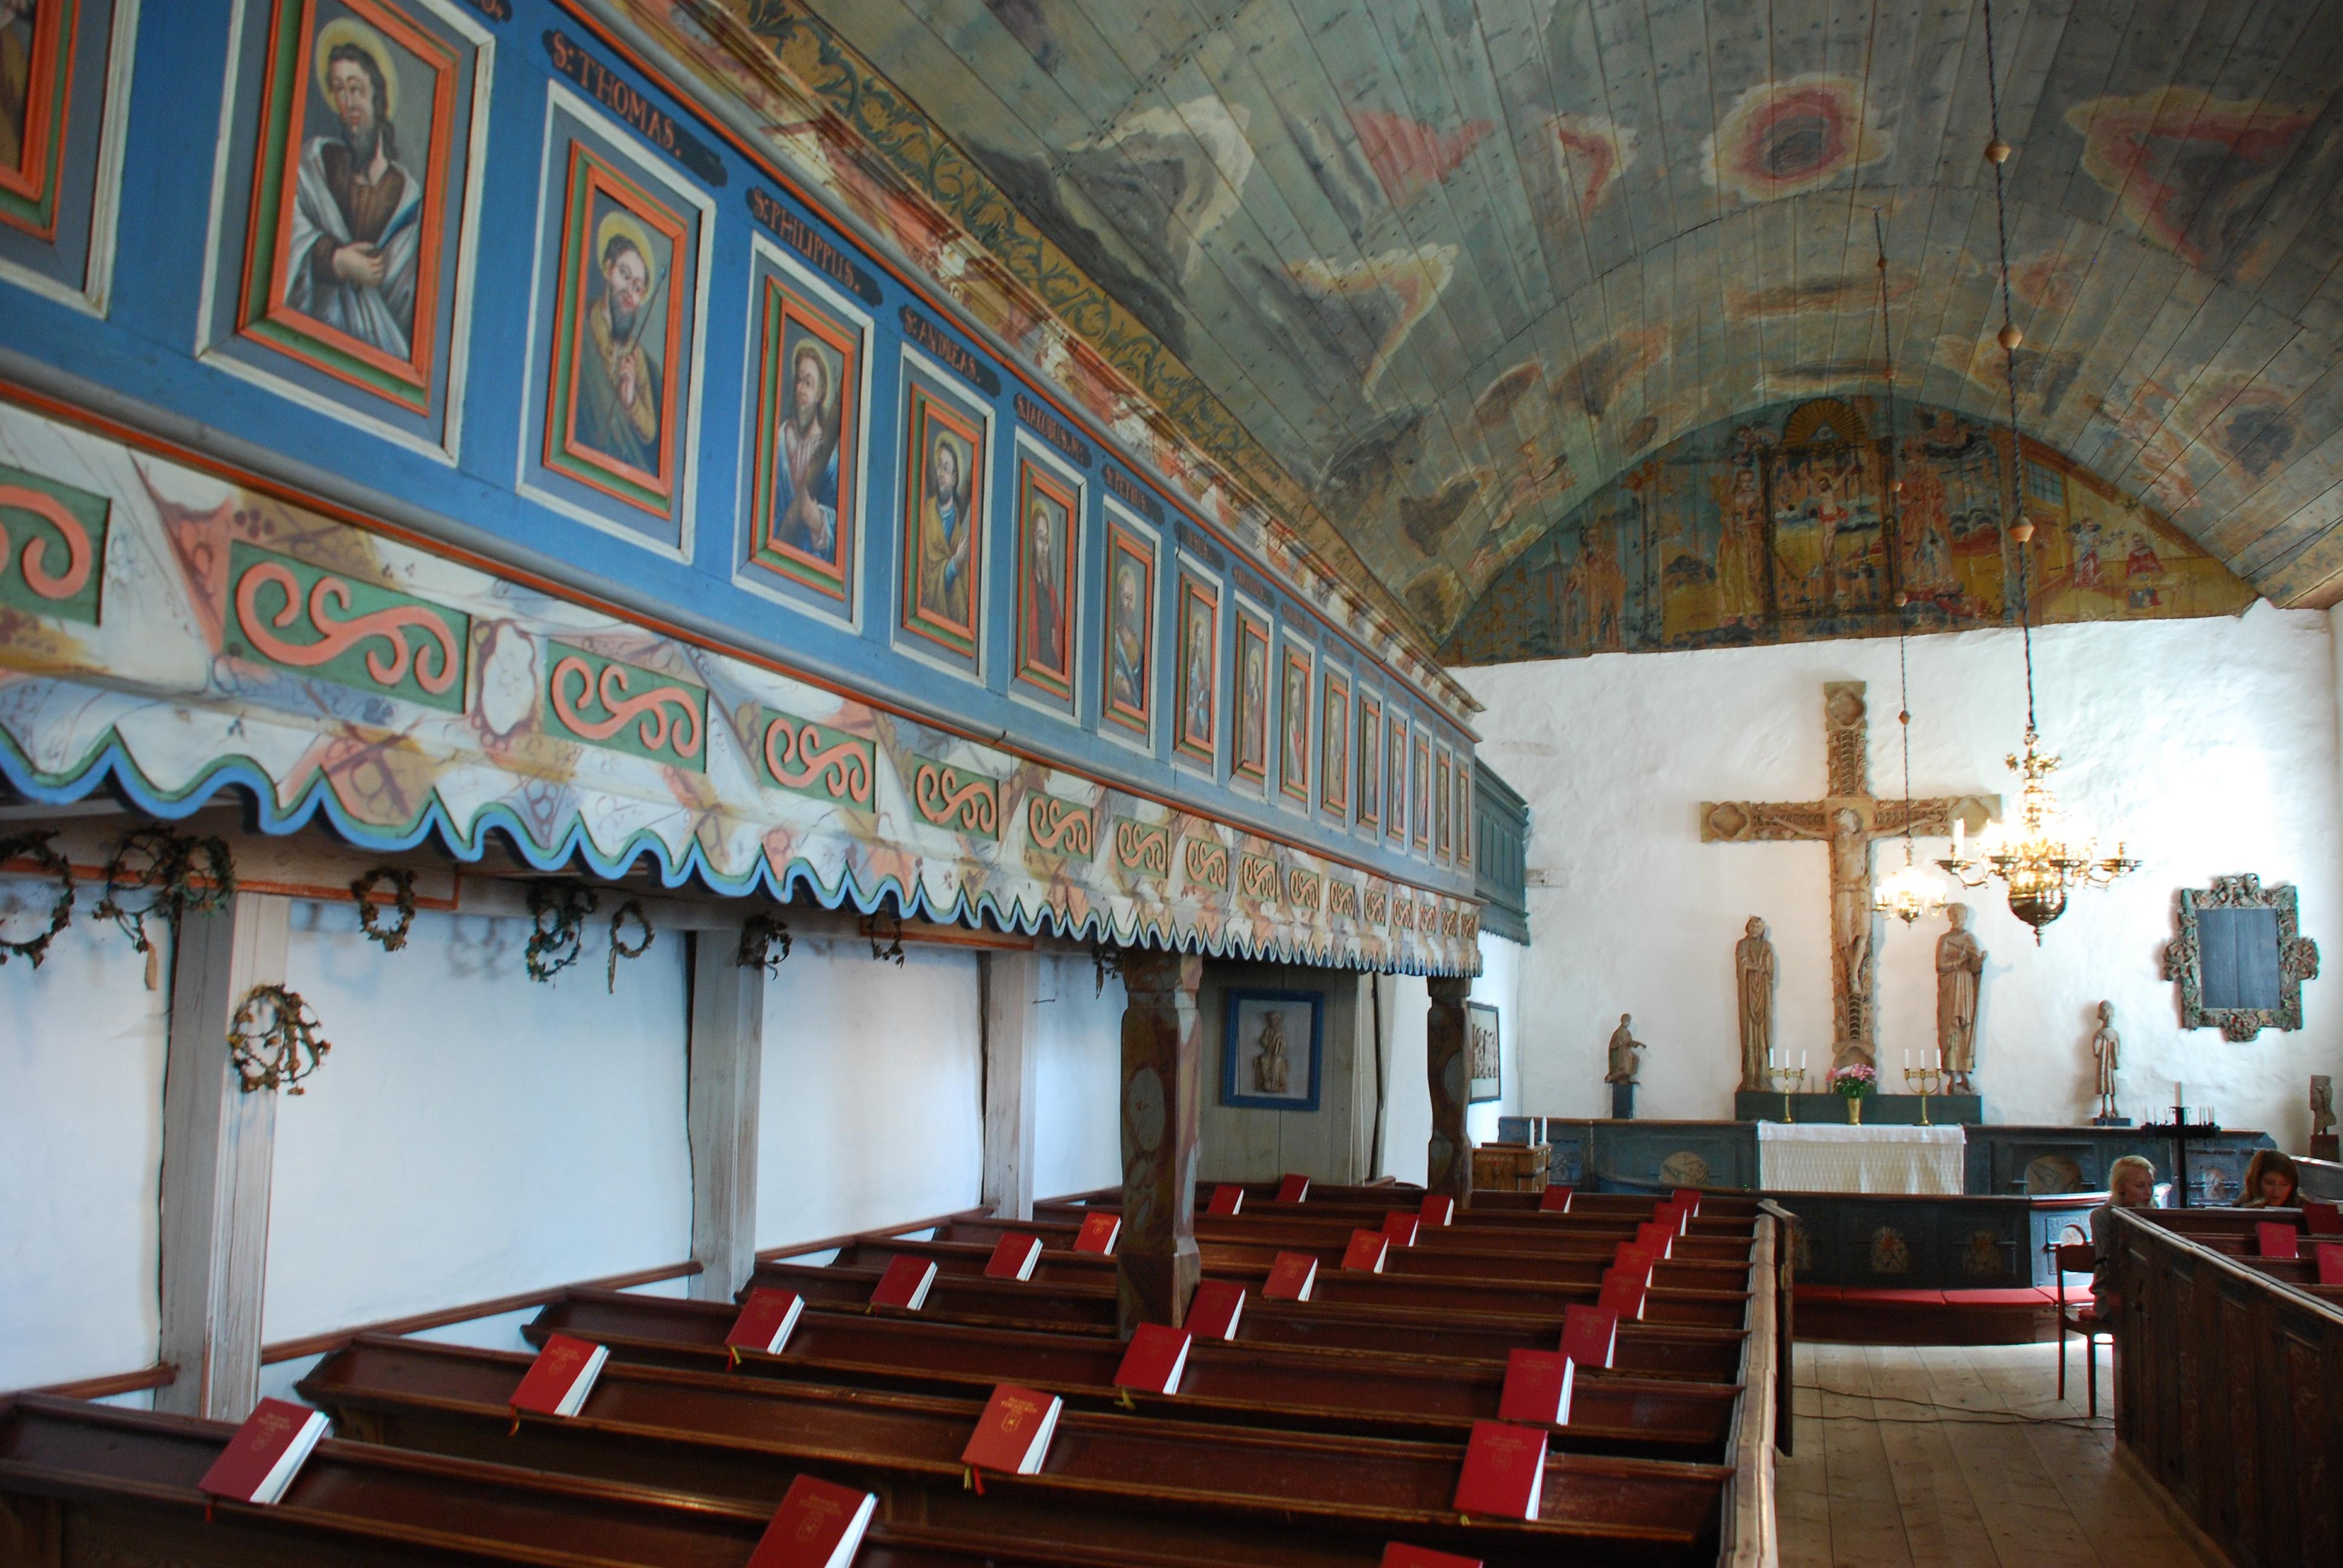 Kyrkorna i Sjss, Uppvidinge hrad, Smland, band II - DiVA